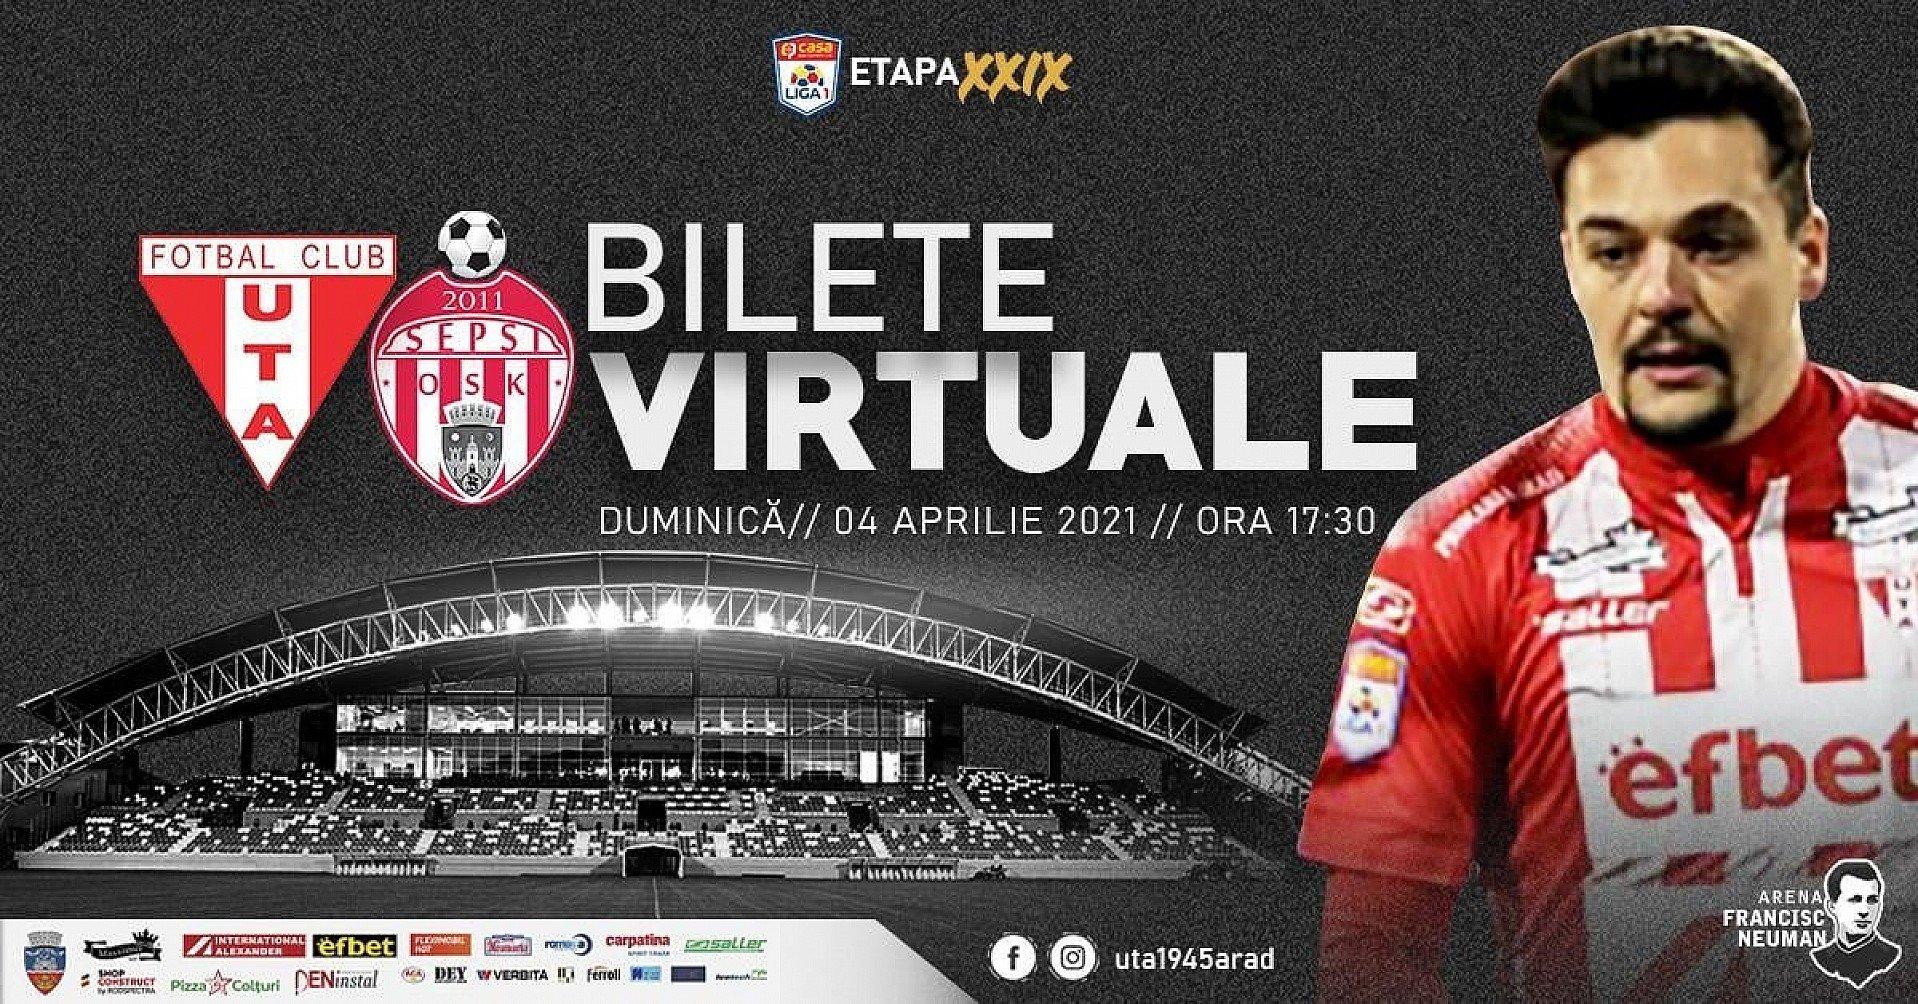 Imagine Bilete virtuale pentru meciul UTA - Sepsi!